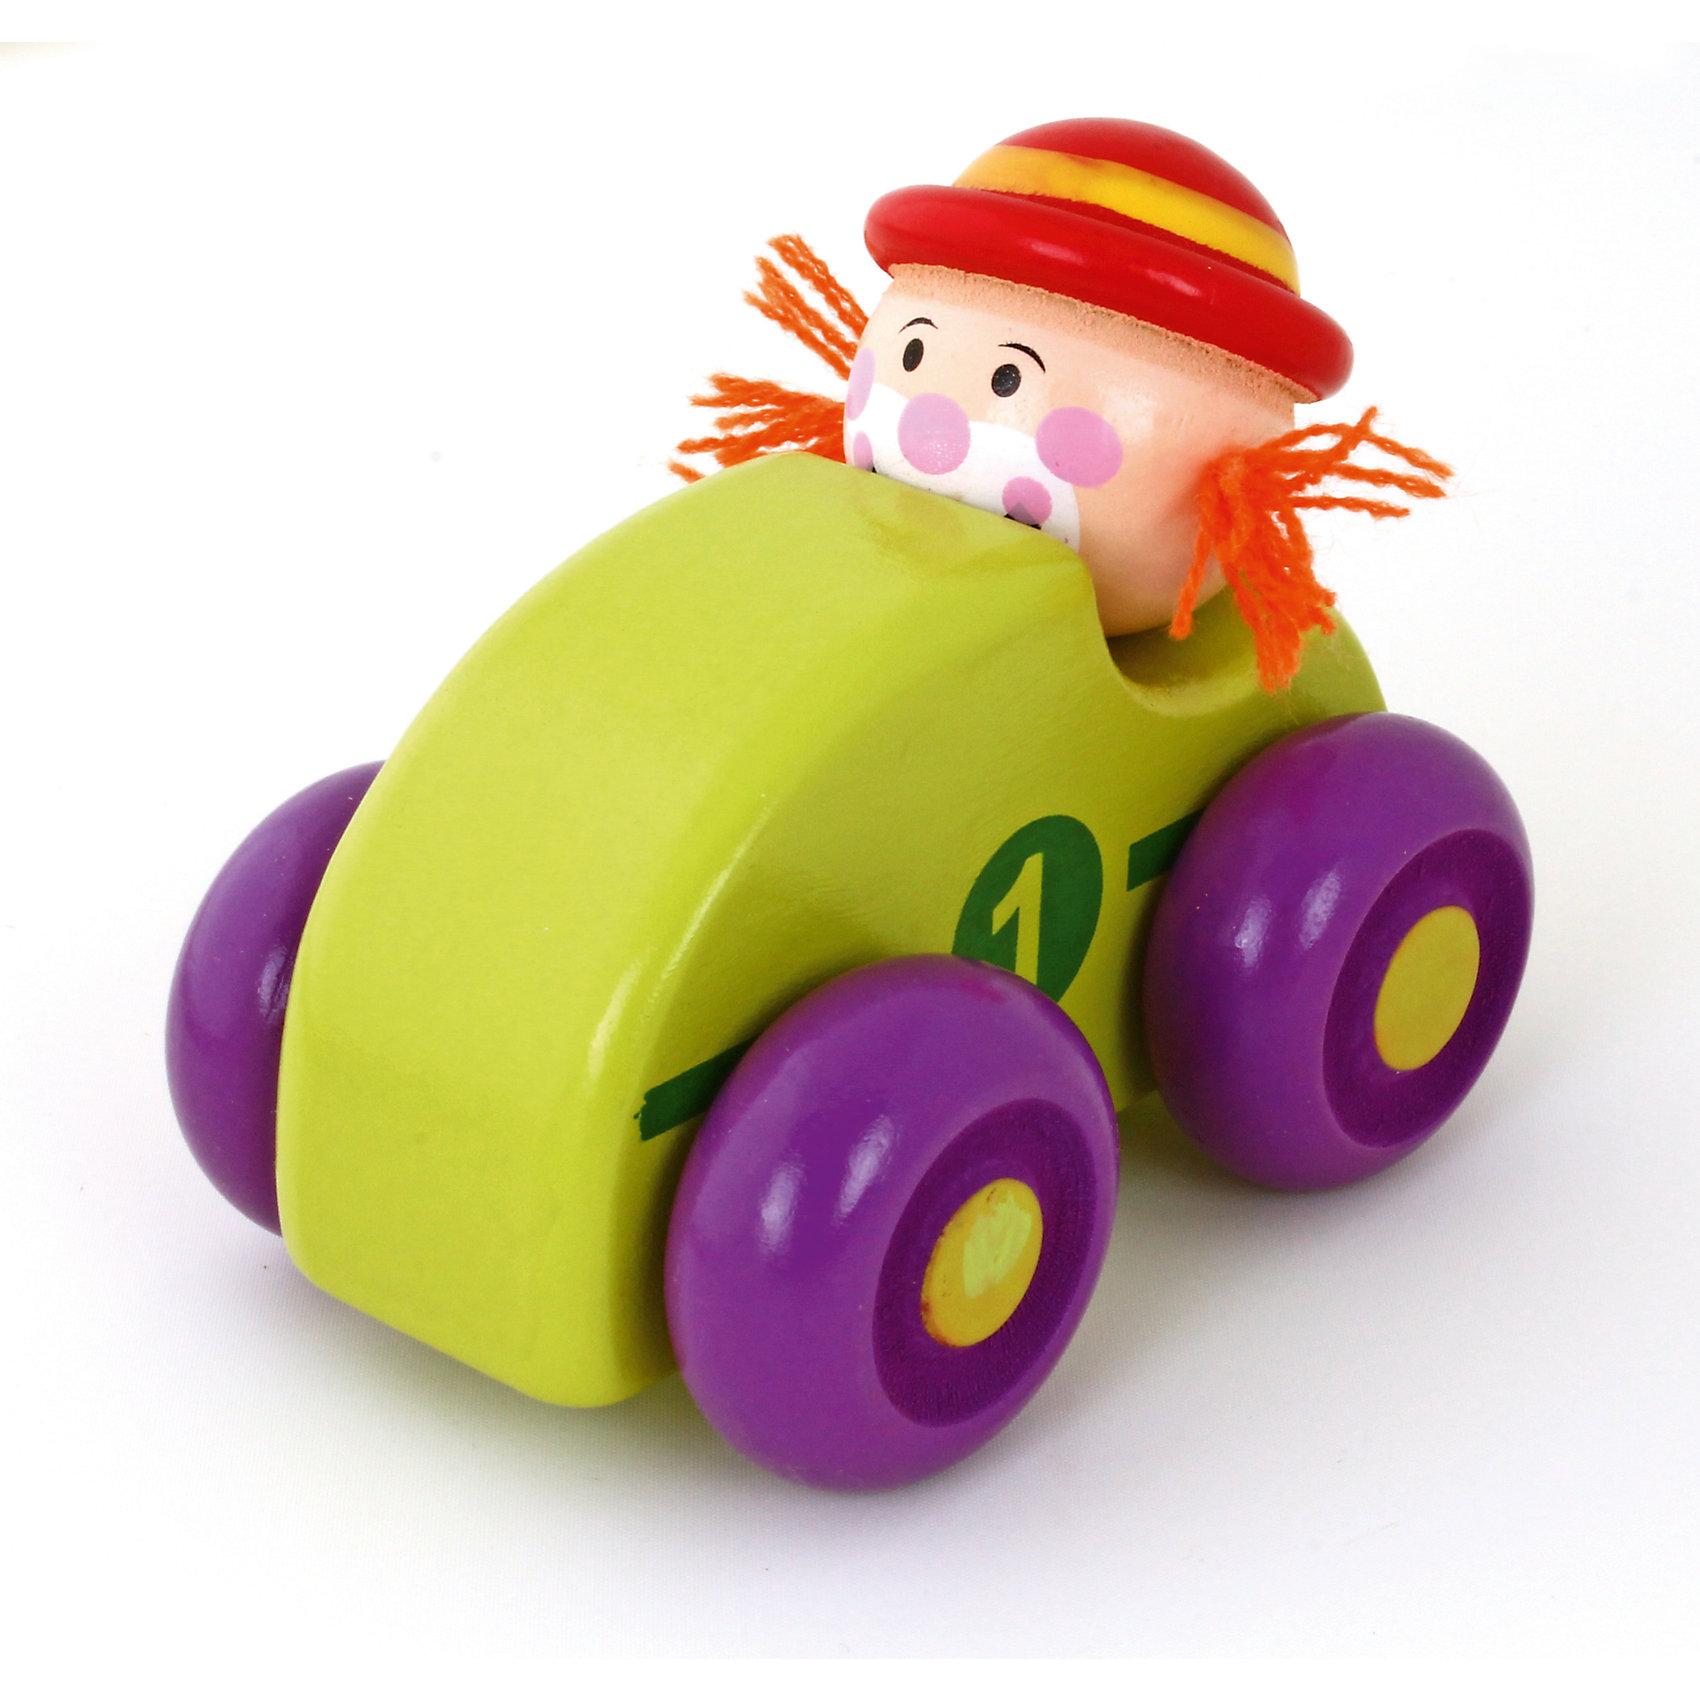 Машинка Клоун, зеленая, MapachaМашинки и транспорт для малышей<br>Компания Mapacha – абсолютный лидер по производству экологически чистых игрушек для детей ясельного возраста. Машинки – любимые игрушки всех маленьких мальчиков. Новая модель – яркая деревянная машинка с необычным водителем – веселым рыжим клоуном! Основной цвет игрушки – зеленый, колеса – сочного фиолетового цвета. Данная модель прослужит не один год и не потеряет своего первоначального вида. Материалы, использованные при изготовлении товара, абсолютно безопасны и отвечают всем международным требованиям по качеству.<br><br>Дополнительные характеристики:<br><br>материал: натуральное дерево, текстиль;<br>цвет: зеленый;<br>габариты: 16 X 6 X 15 см.<br><br>Машинку Клоун от компании Mapacha можно приобрести в нашем магазине.<br><br>Ширина мм: 430<br>Глубина мм: 325<br>Высота мм: 410<br>Вес г: 125<br>Возраст от месяцев: 36<br>Возраст до месяцев: 72<br>Пол: Унисекс<br>Возраст: Детский<br>SKU: 5032498